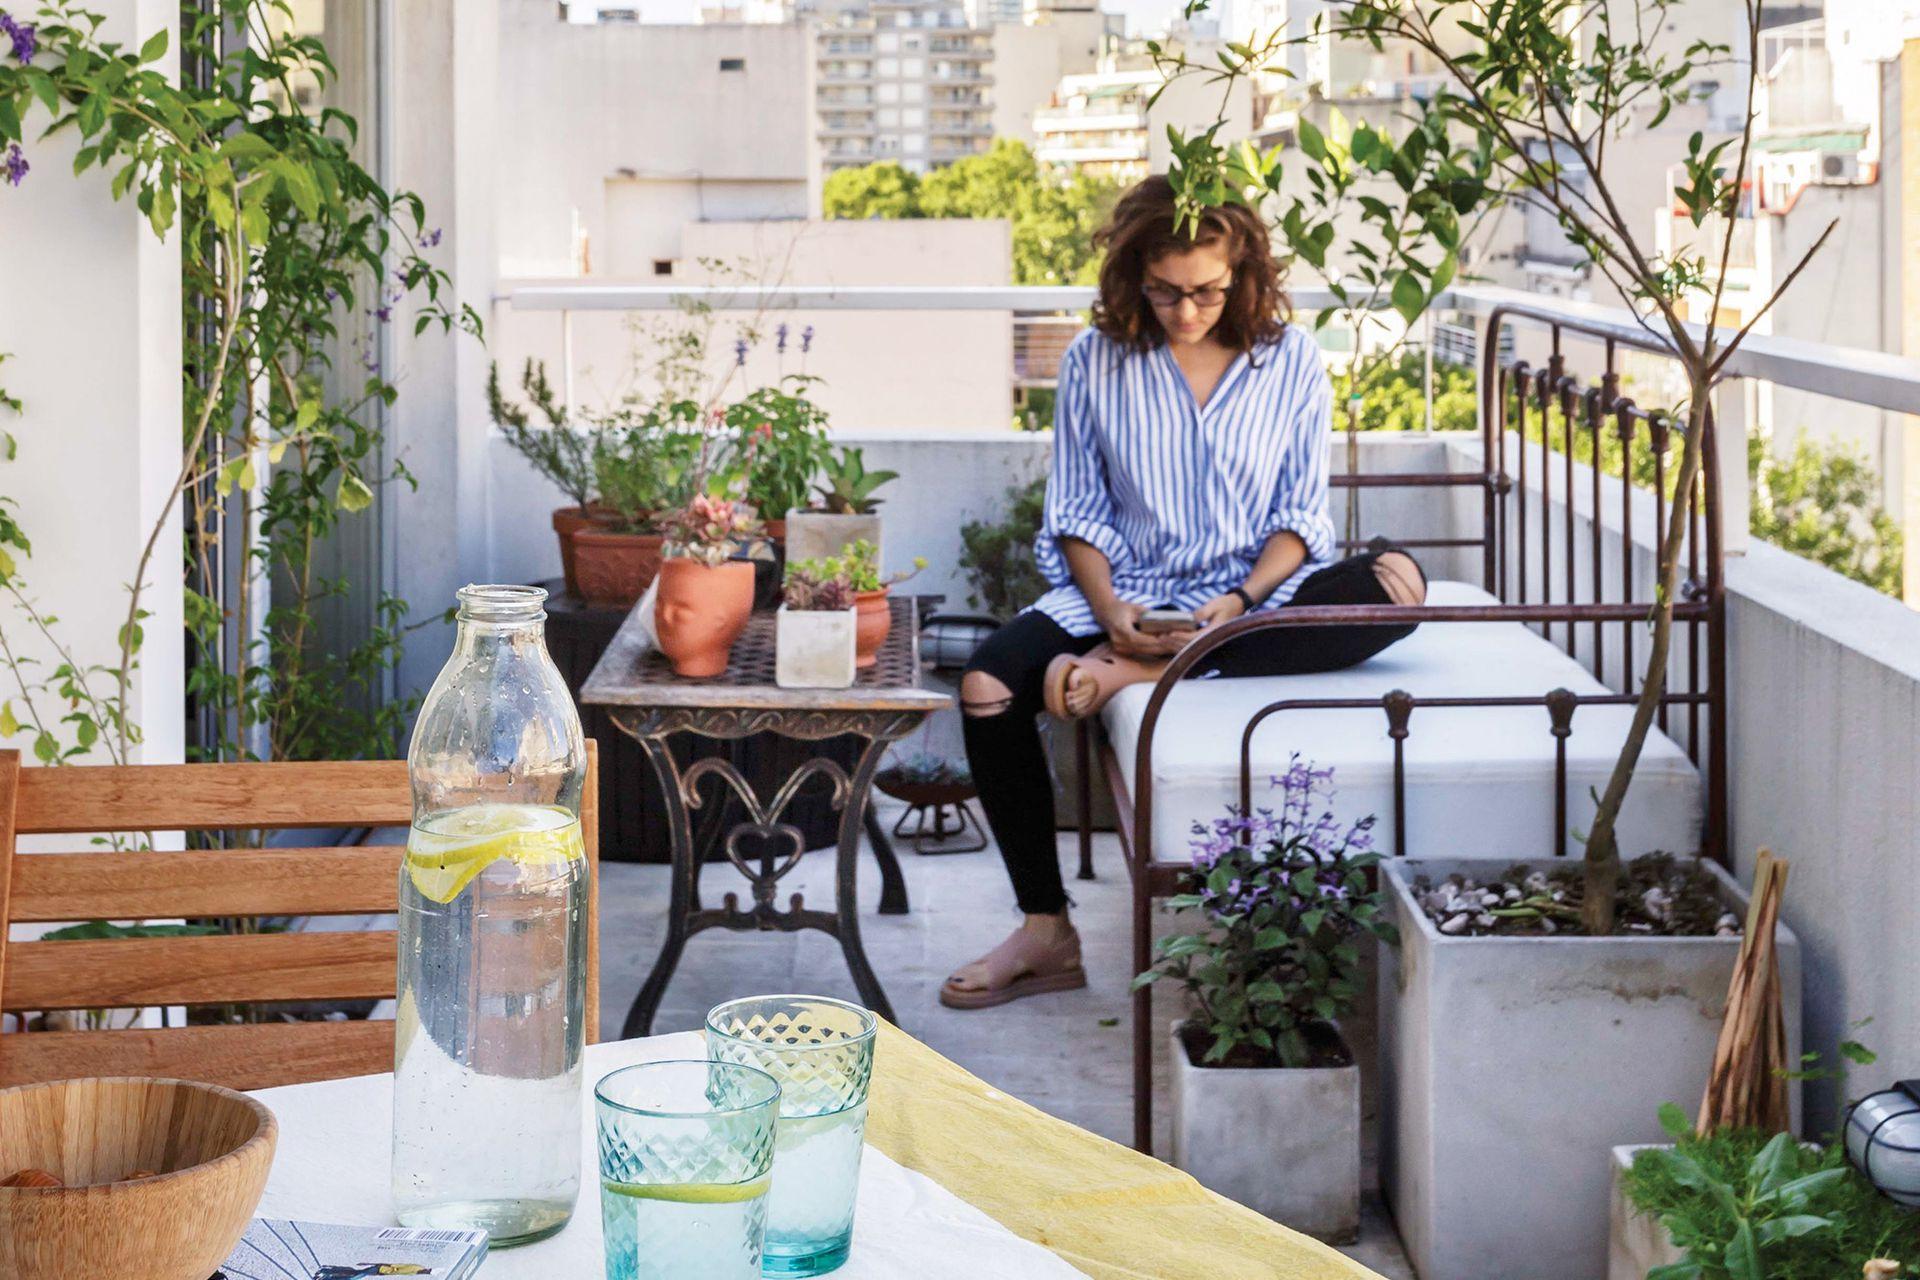 Como el balcón es amplio, Paula pudo armar dos espacios: uno con sillón para leer y otro con mesa y sillas, que iluminó muy bien para cenar con amigos.